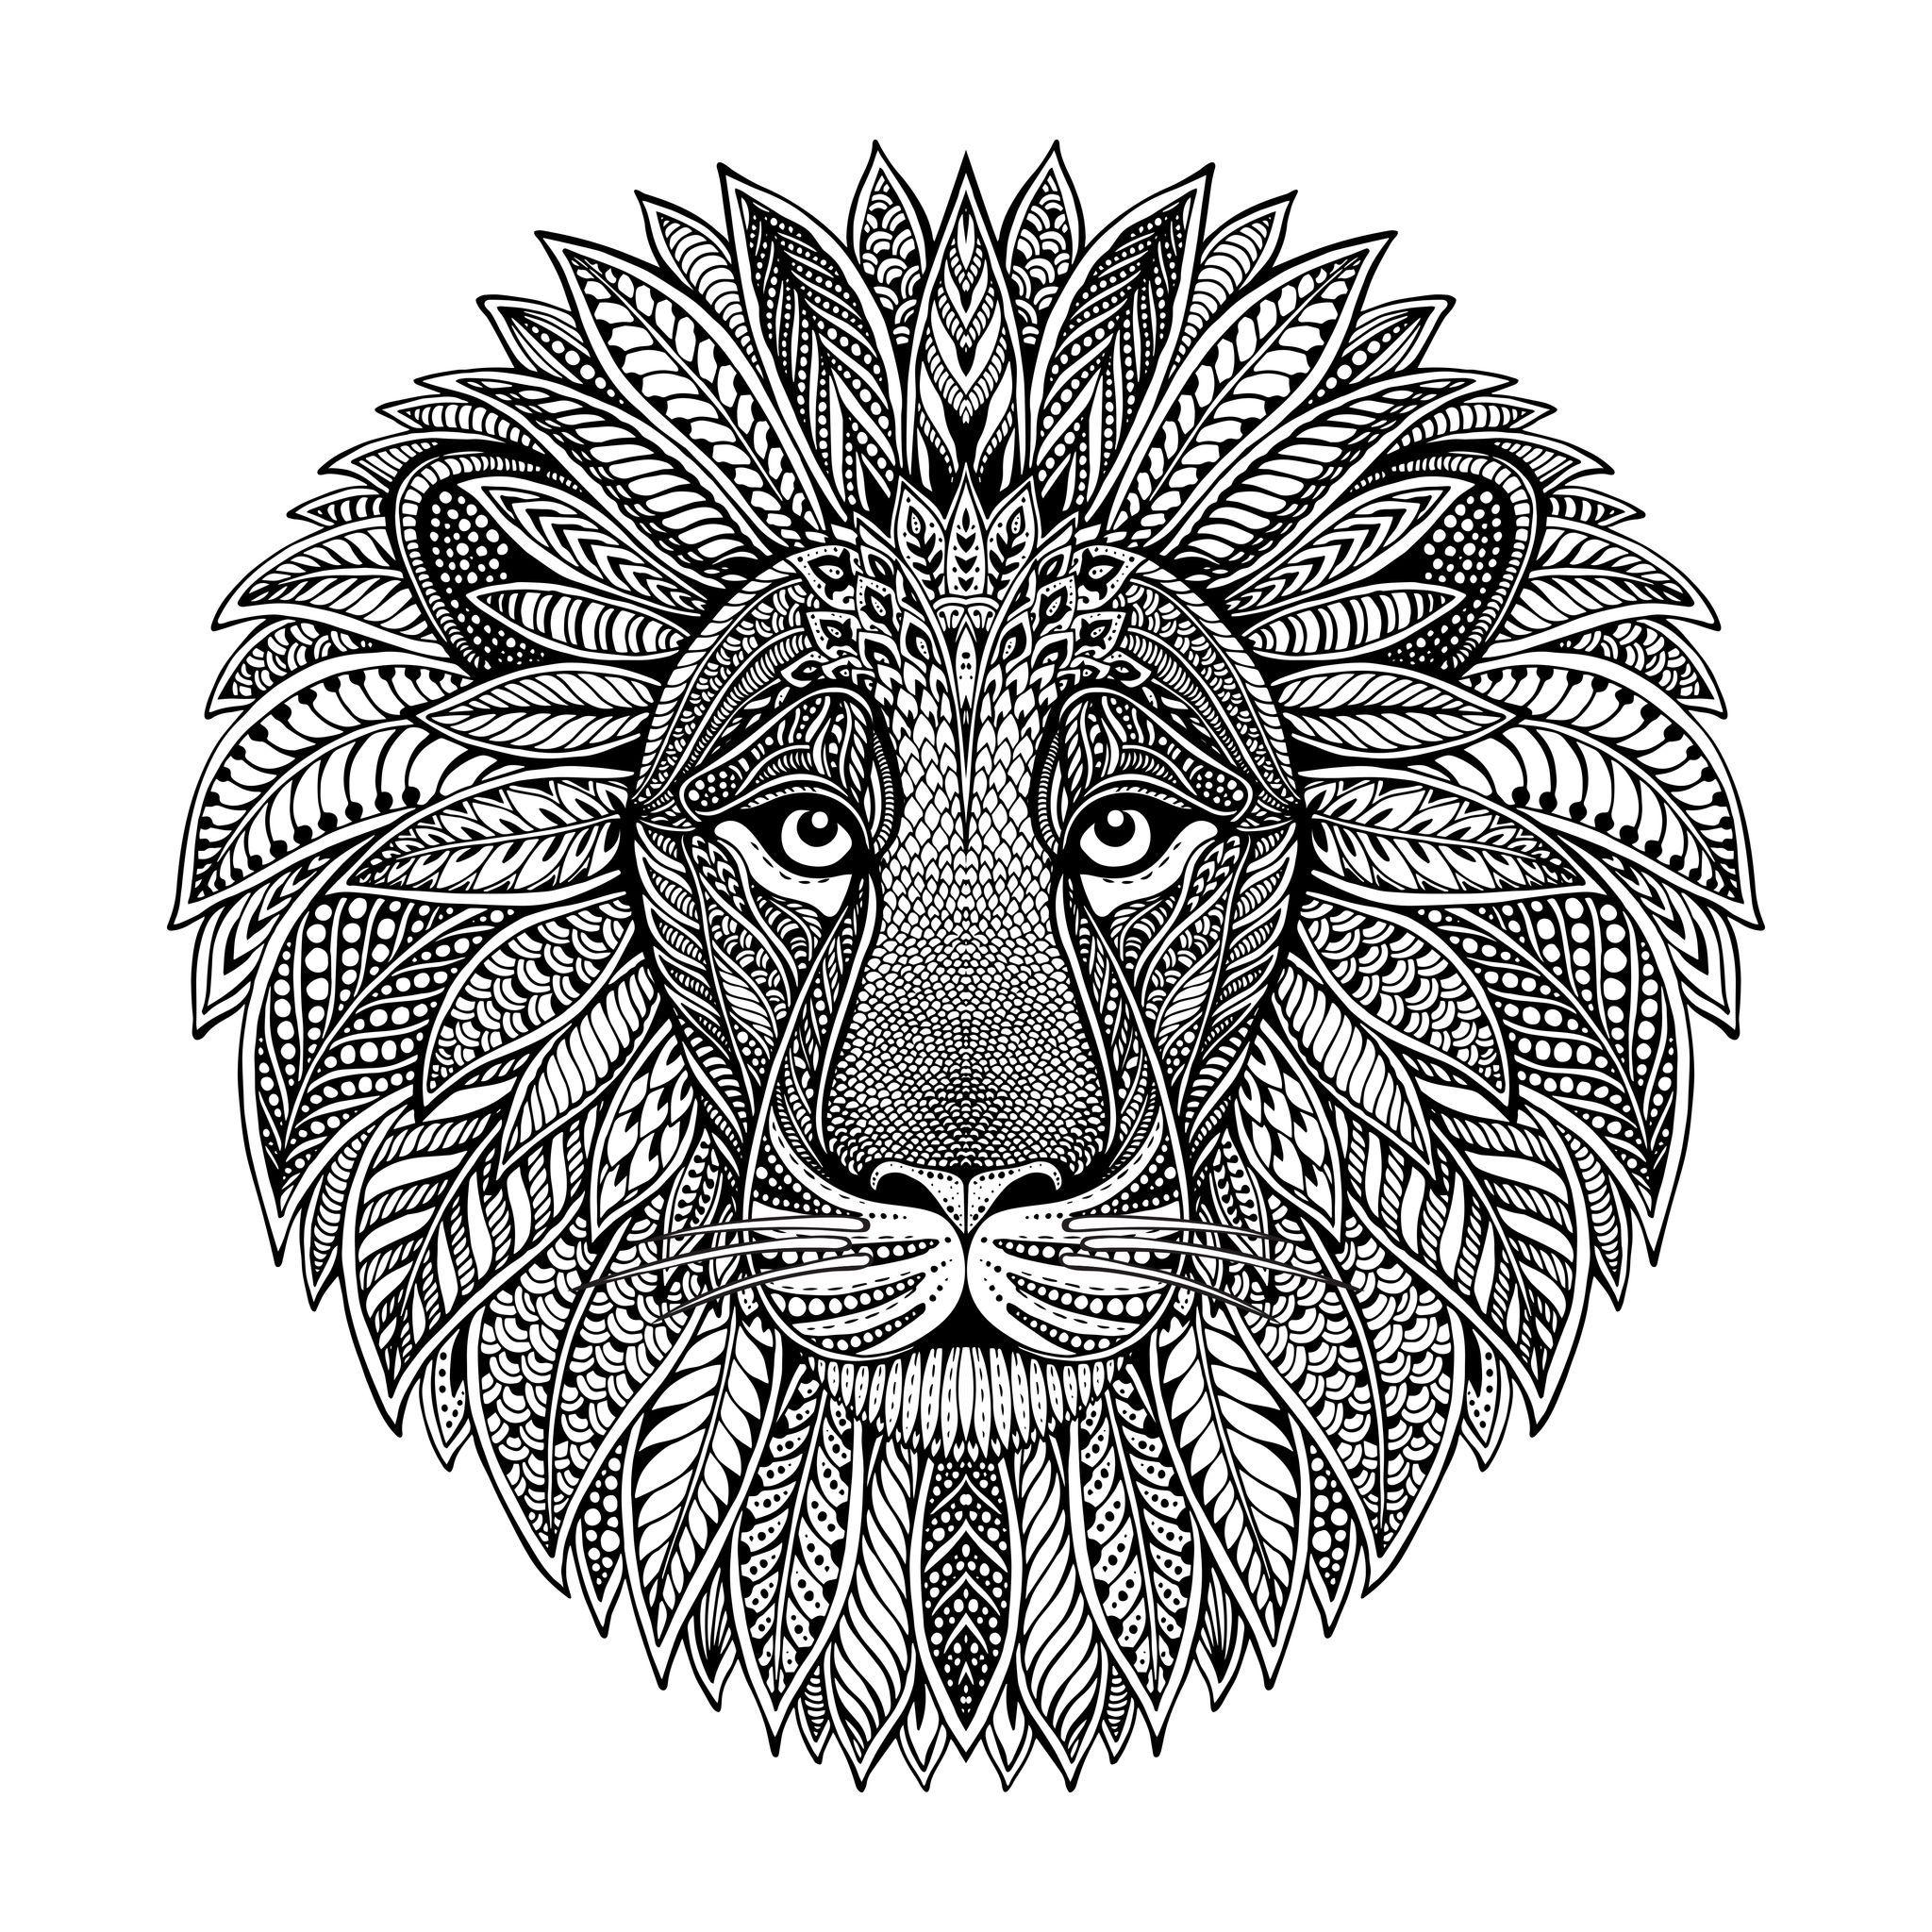 Lion Head Mandala Style Lowen Malvorlagen Mandala Malvorlagen Mandala Lowe